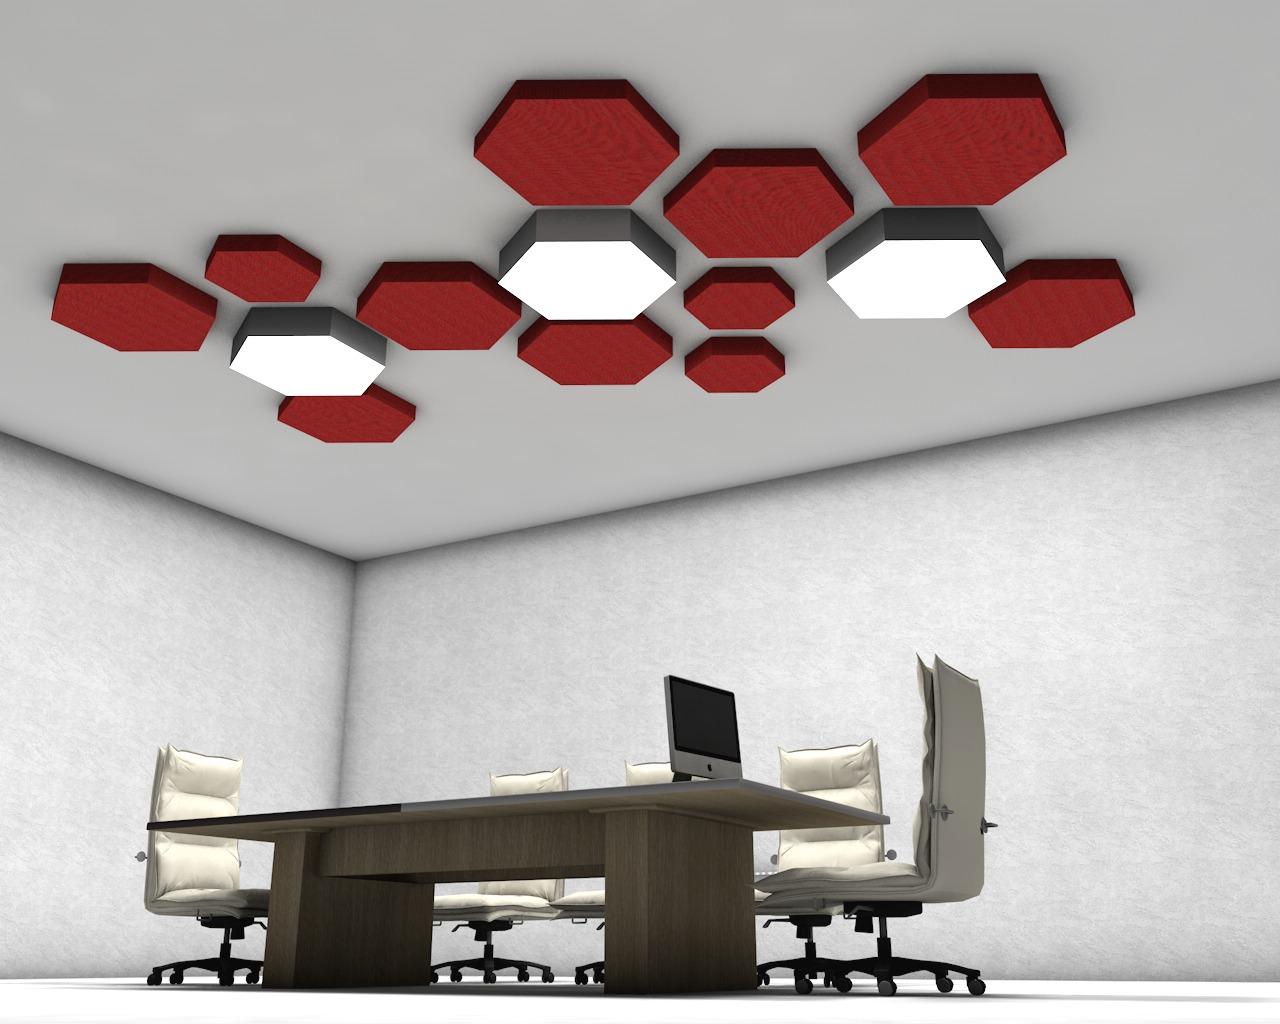 πολυγωνικό φωτιστικό ηχοαπορροφητικό πάνελ γραφείου